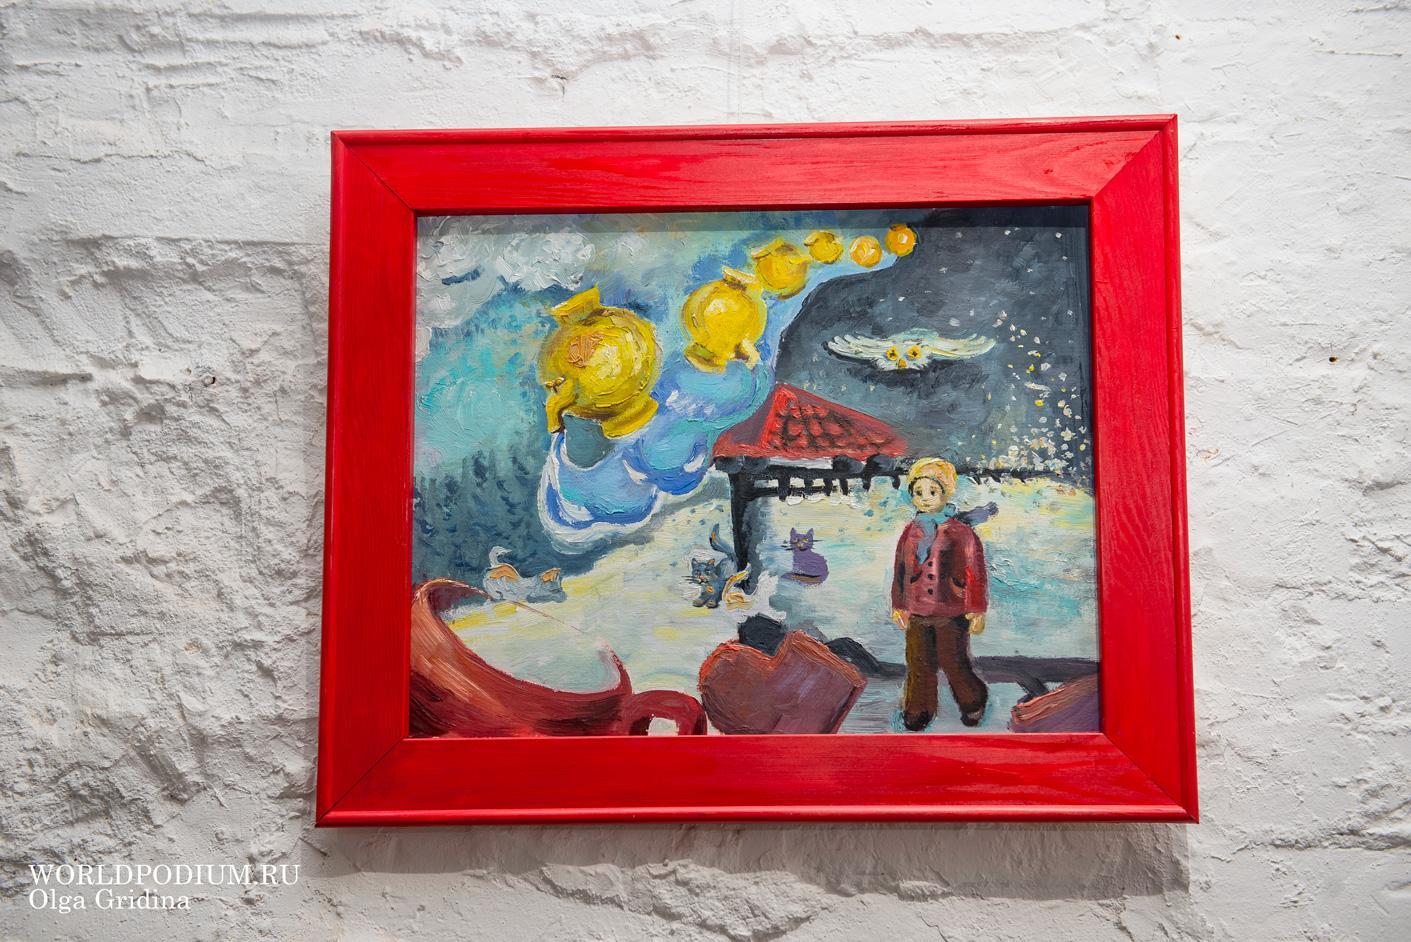 Студенты кафедры «Дизайн» Института современного искусства представили проект «Сто фантазий» в галерее «Промграфика»